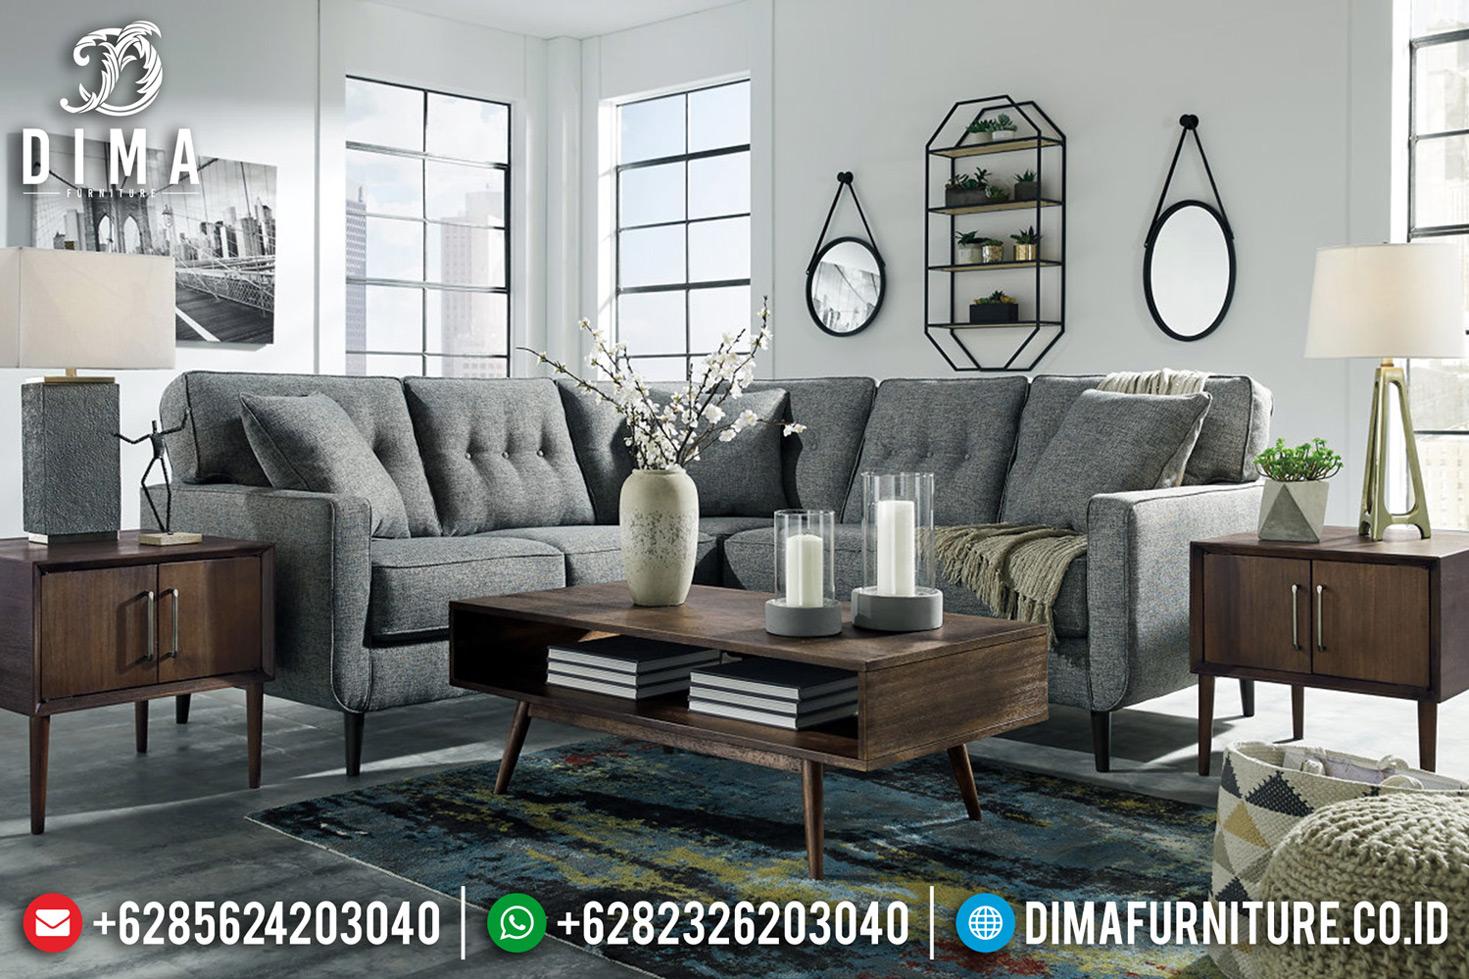 Sofa Tamu Minimalis Jepara Retro New Desain Furniture Classic Jepara TTJ-0729